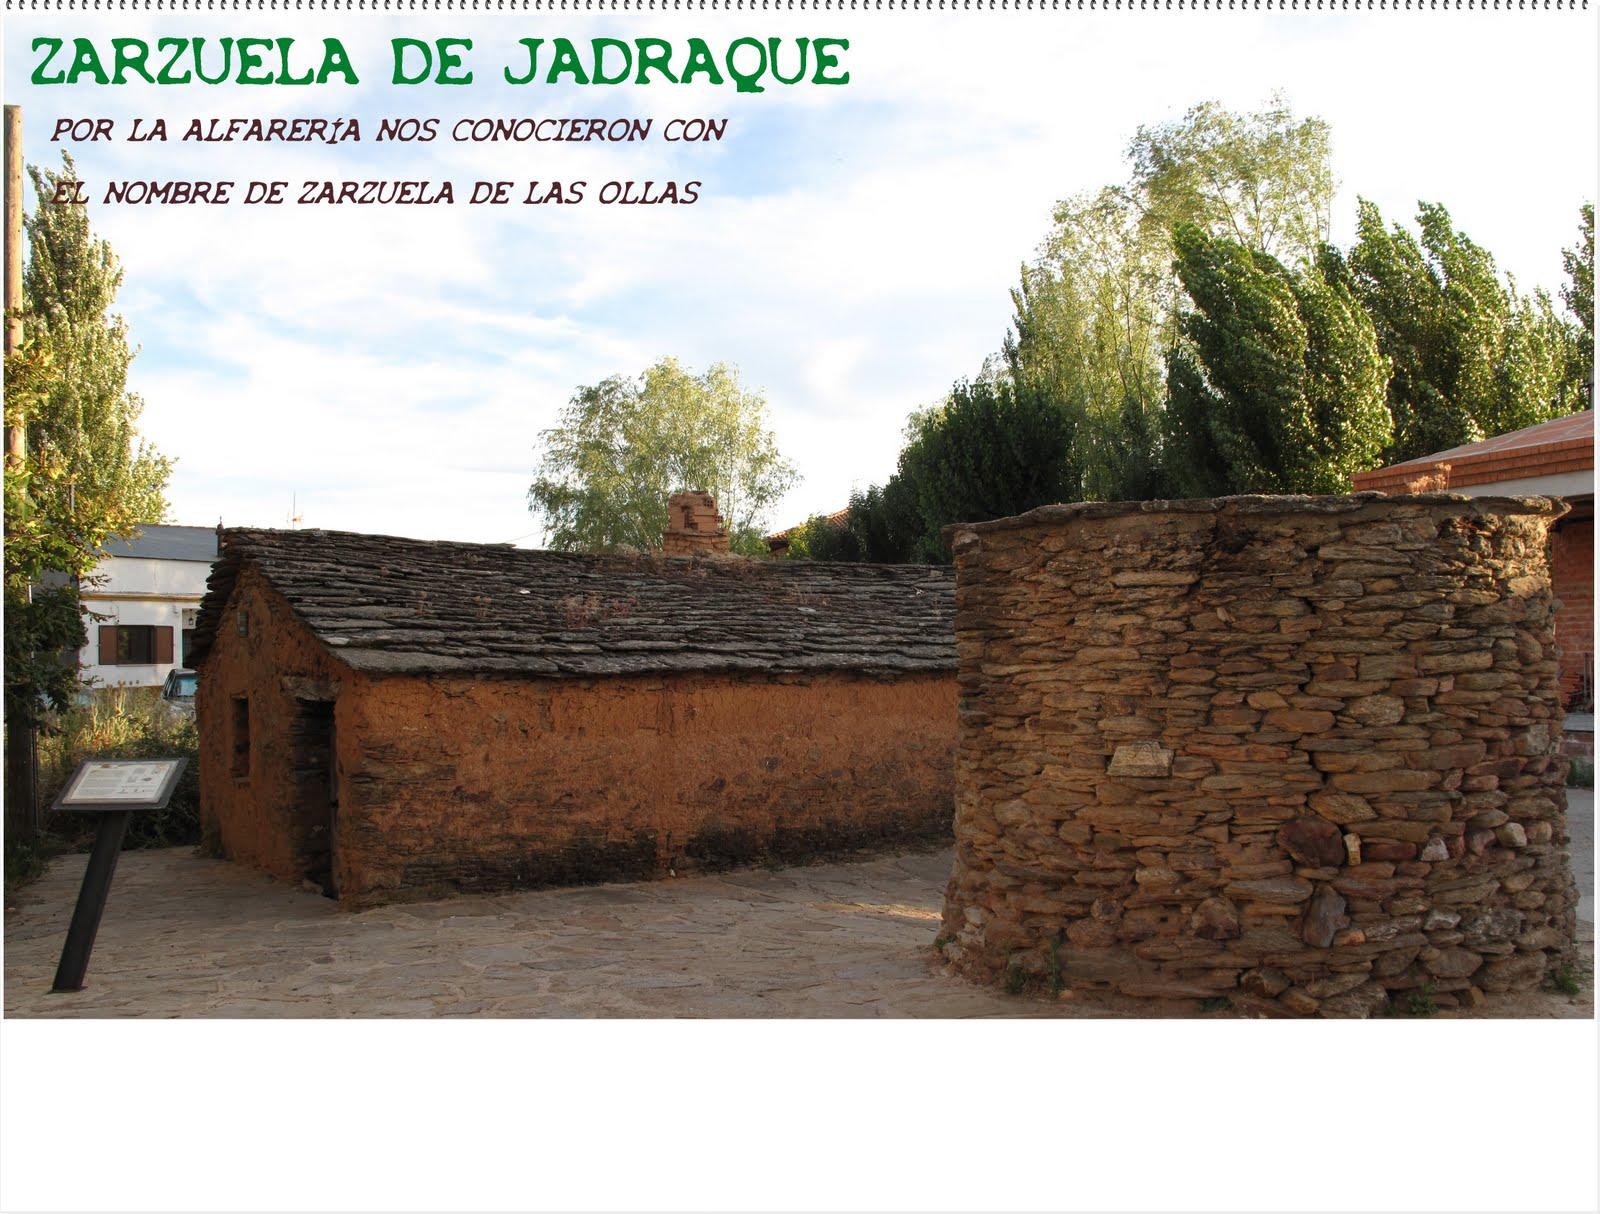 Zarzuela de Jadraque